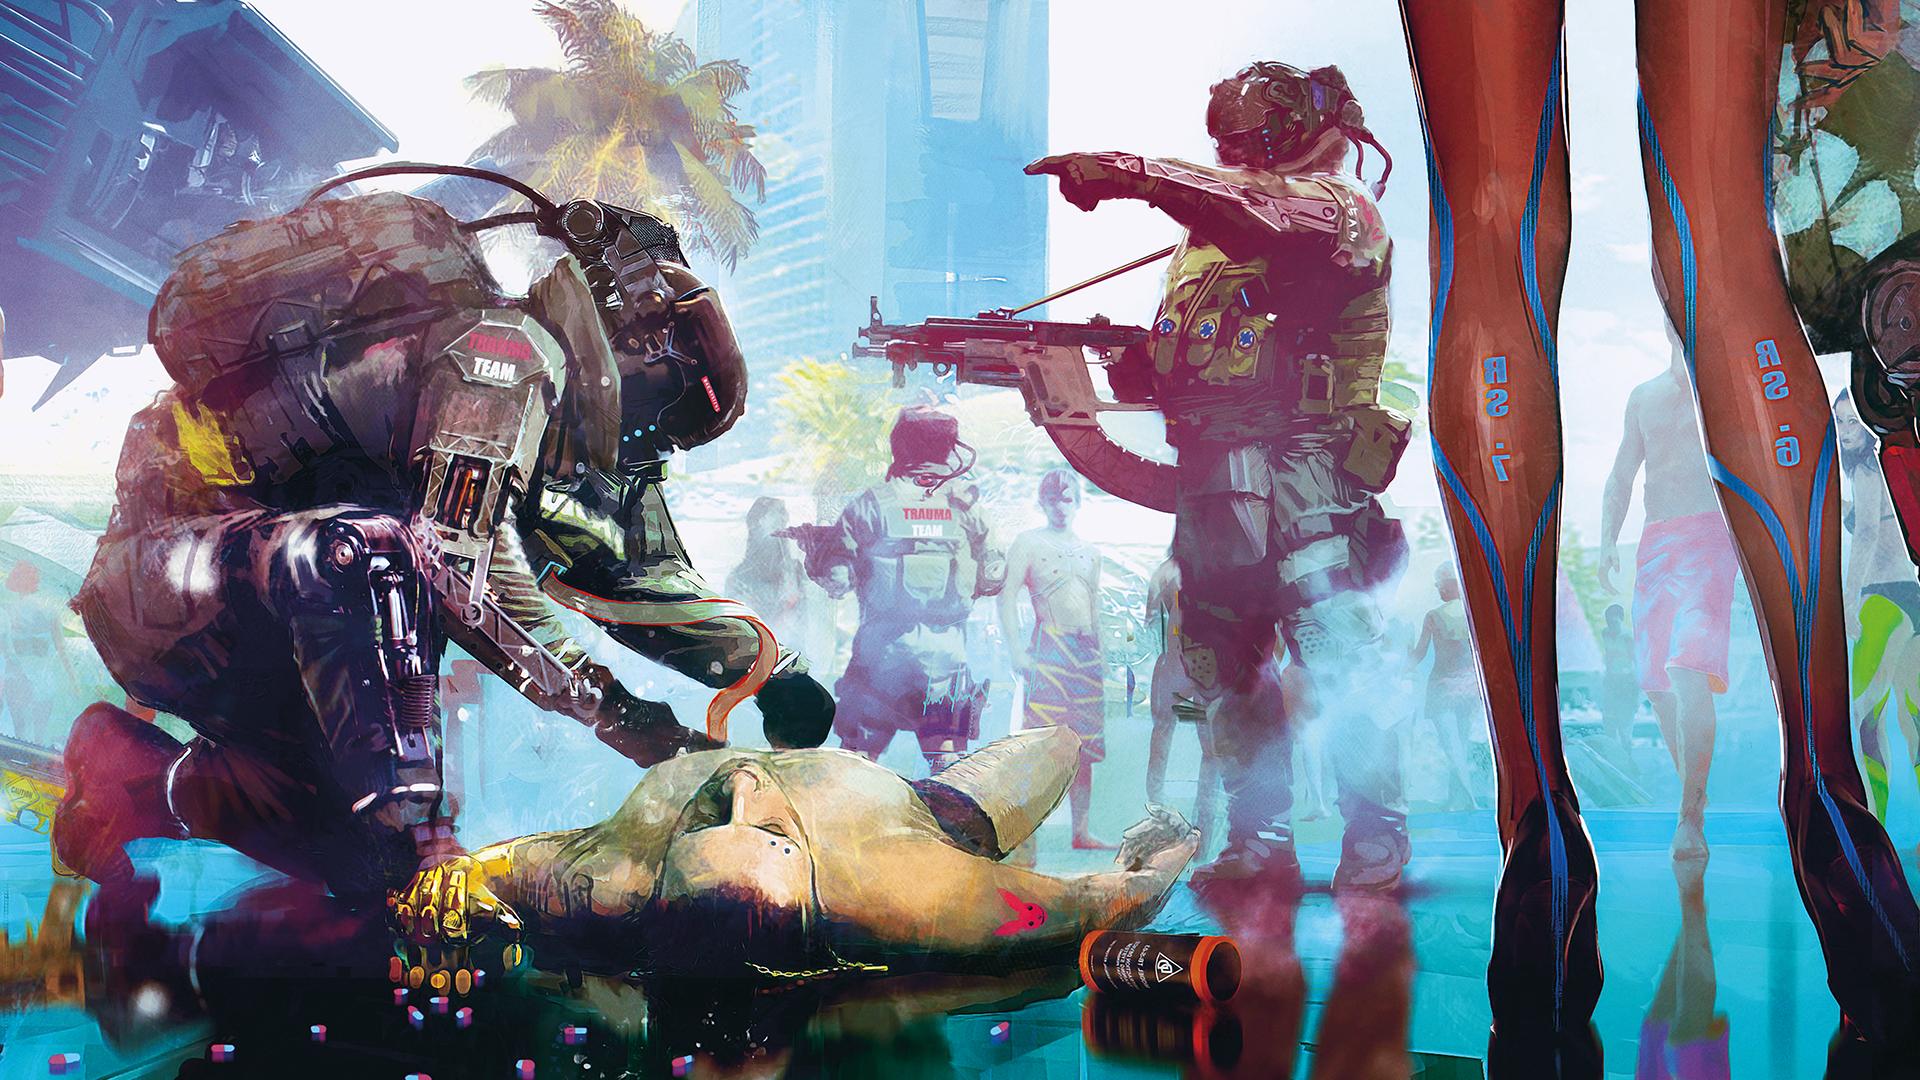 Перевод: CD Projekt Red обещает быть «более человечной» к своим сотрудникам